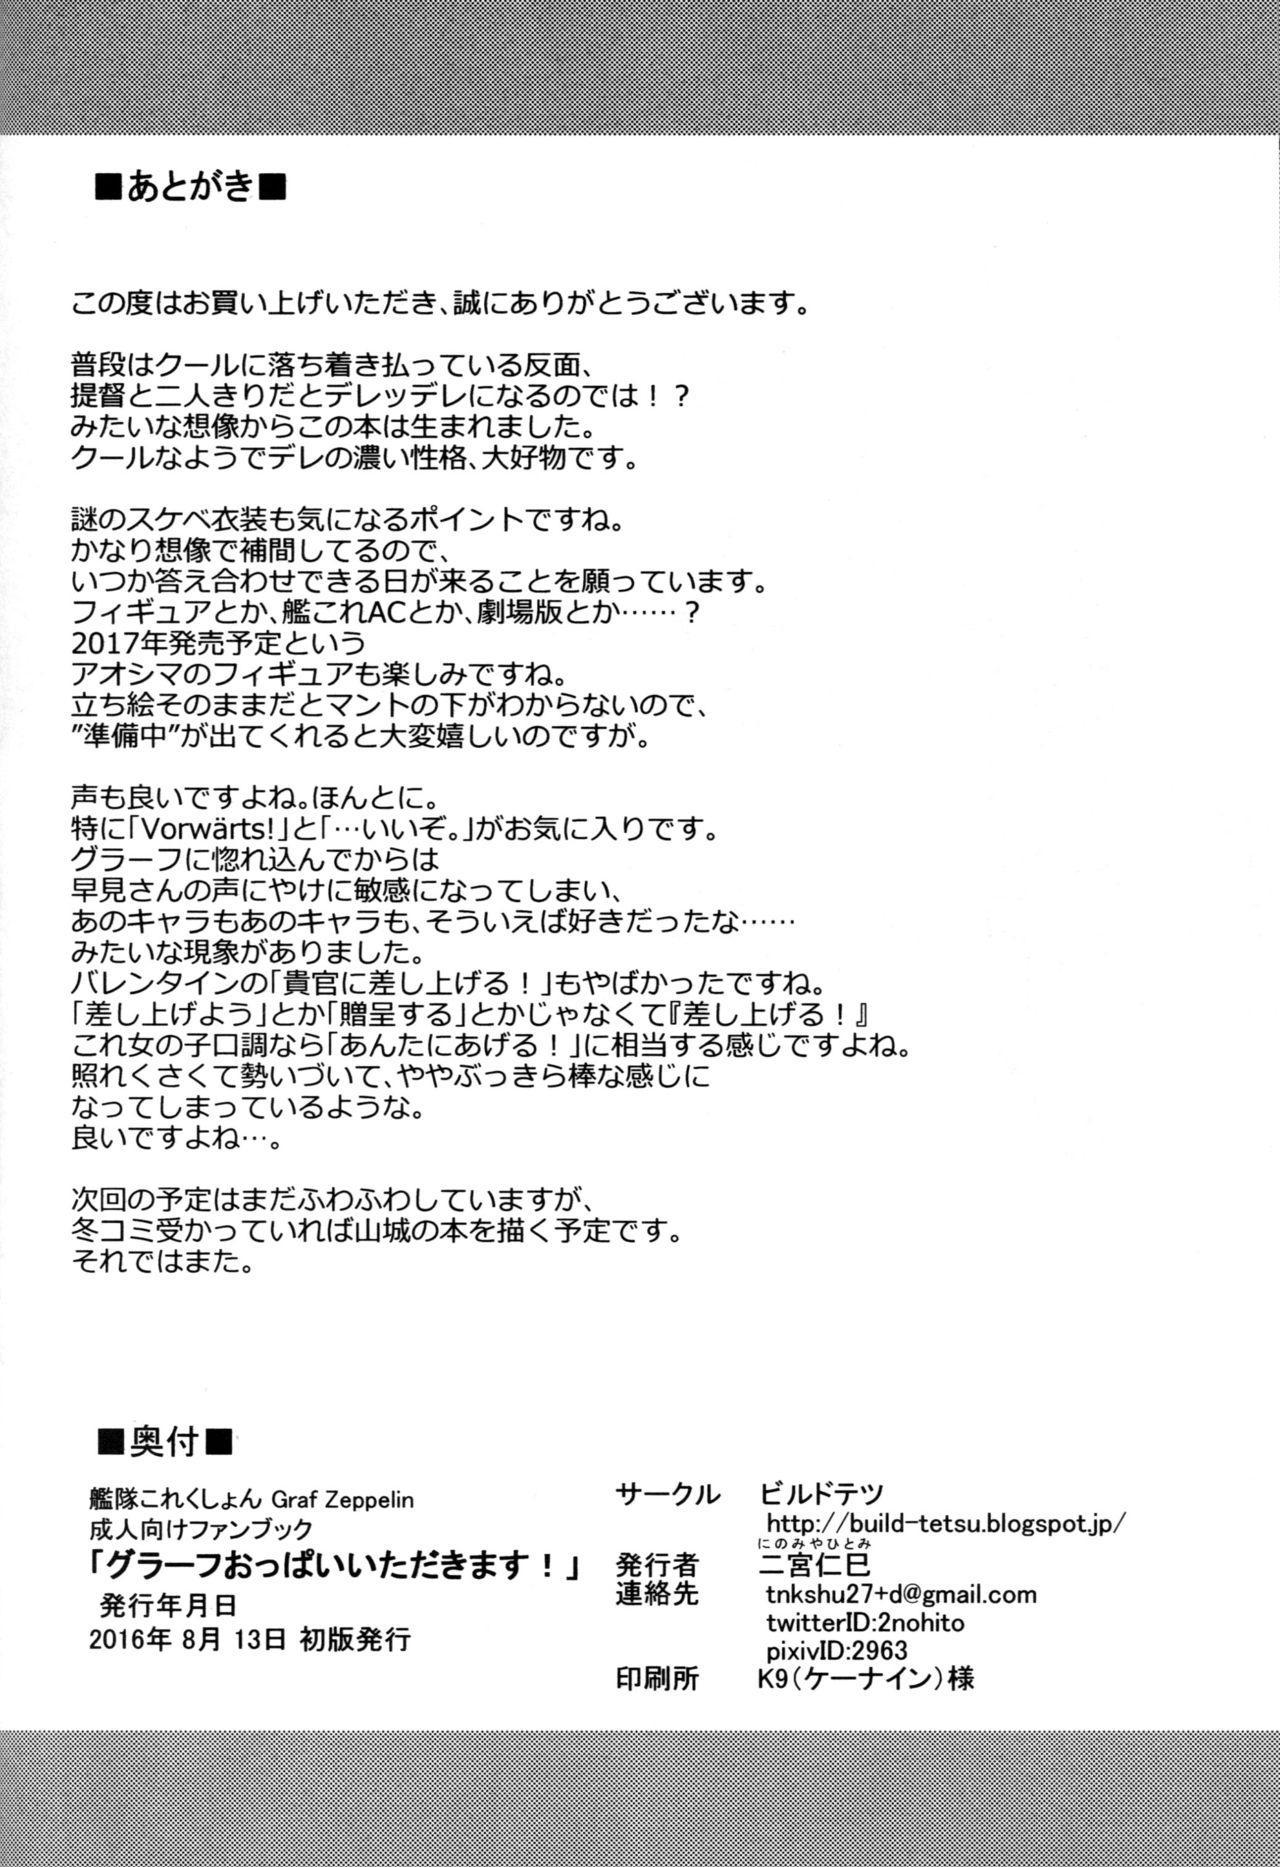 Graf Oppai Itadakimasu! 25